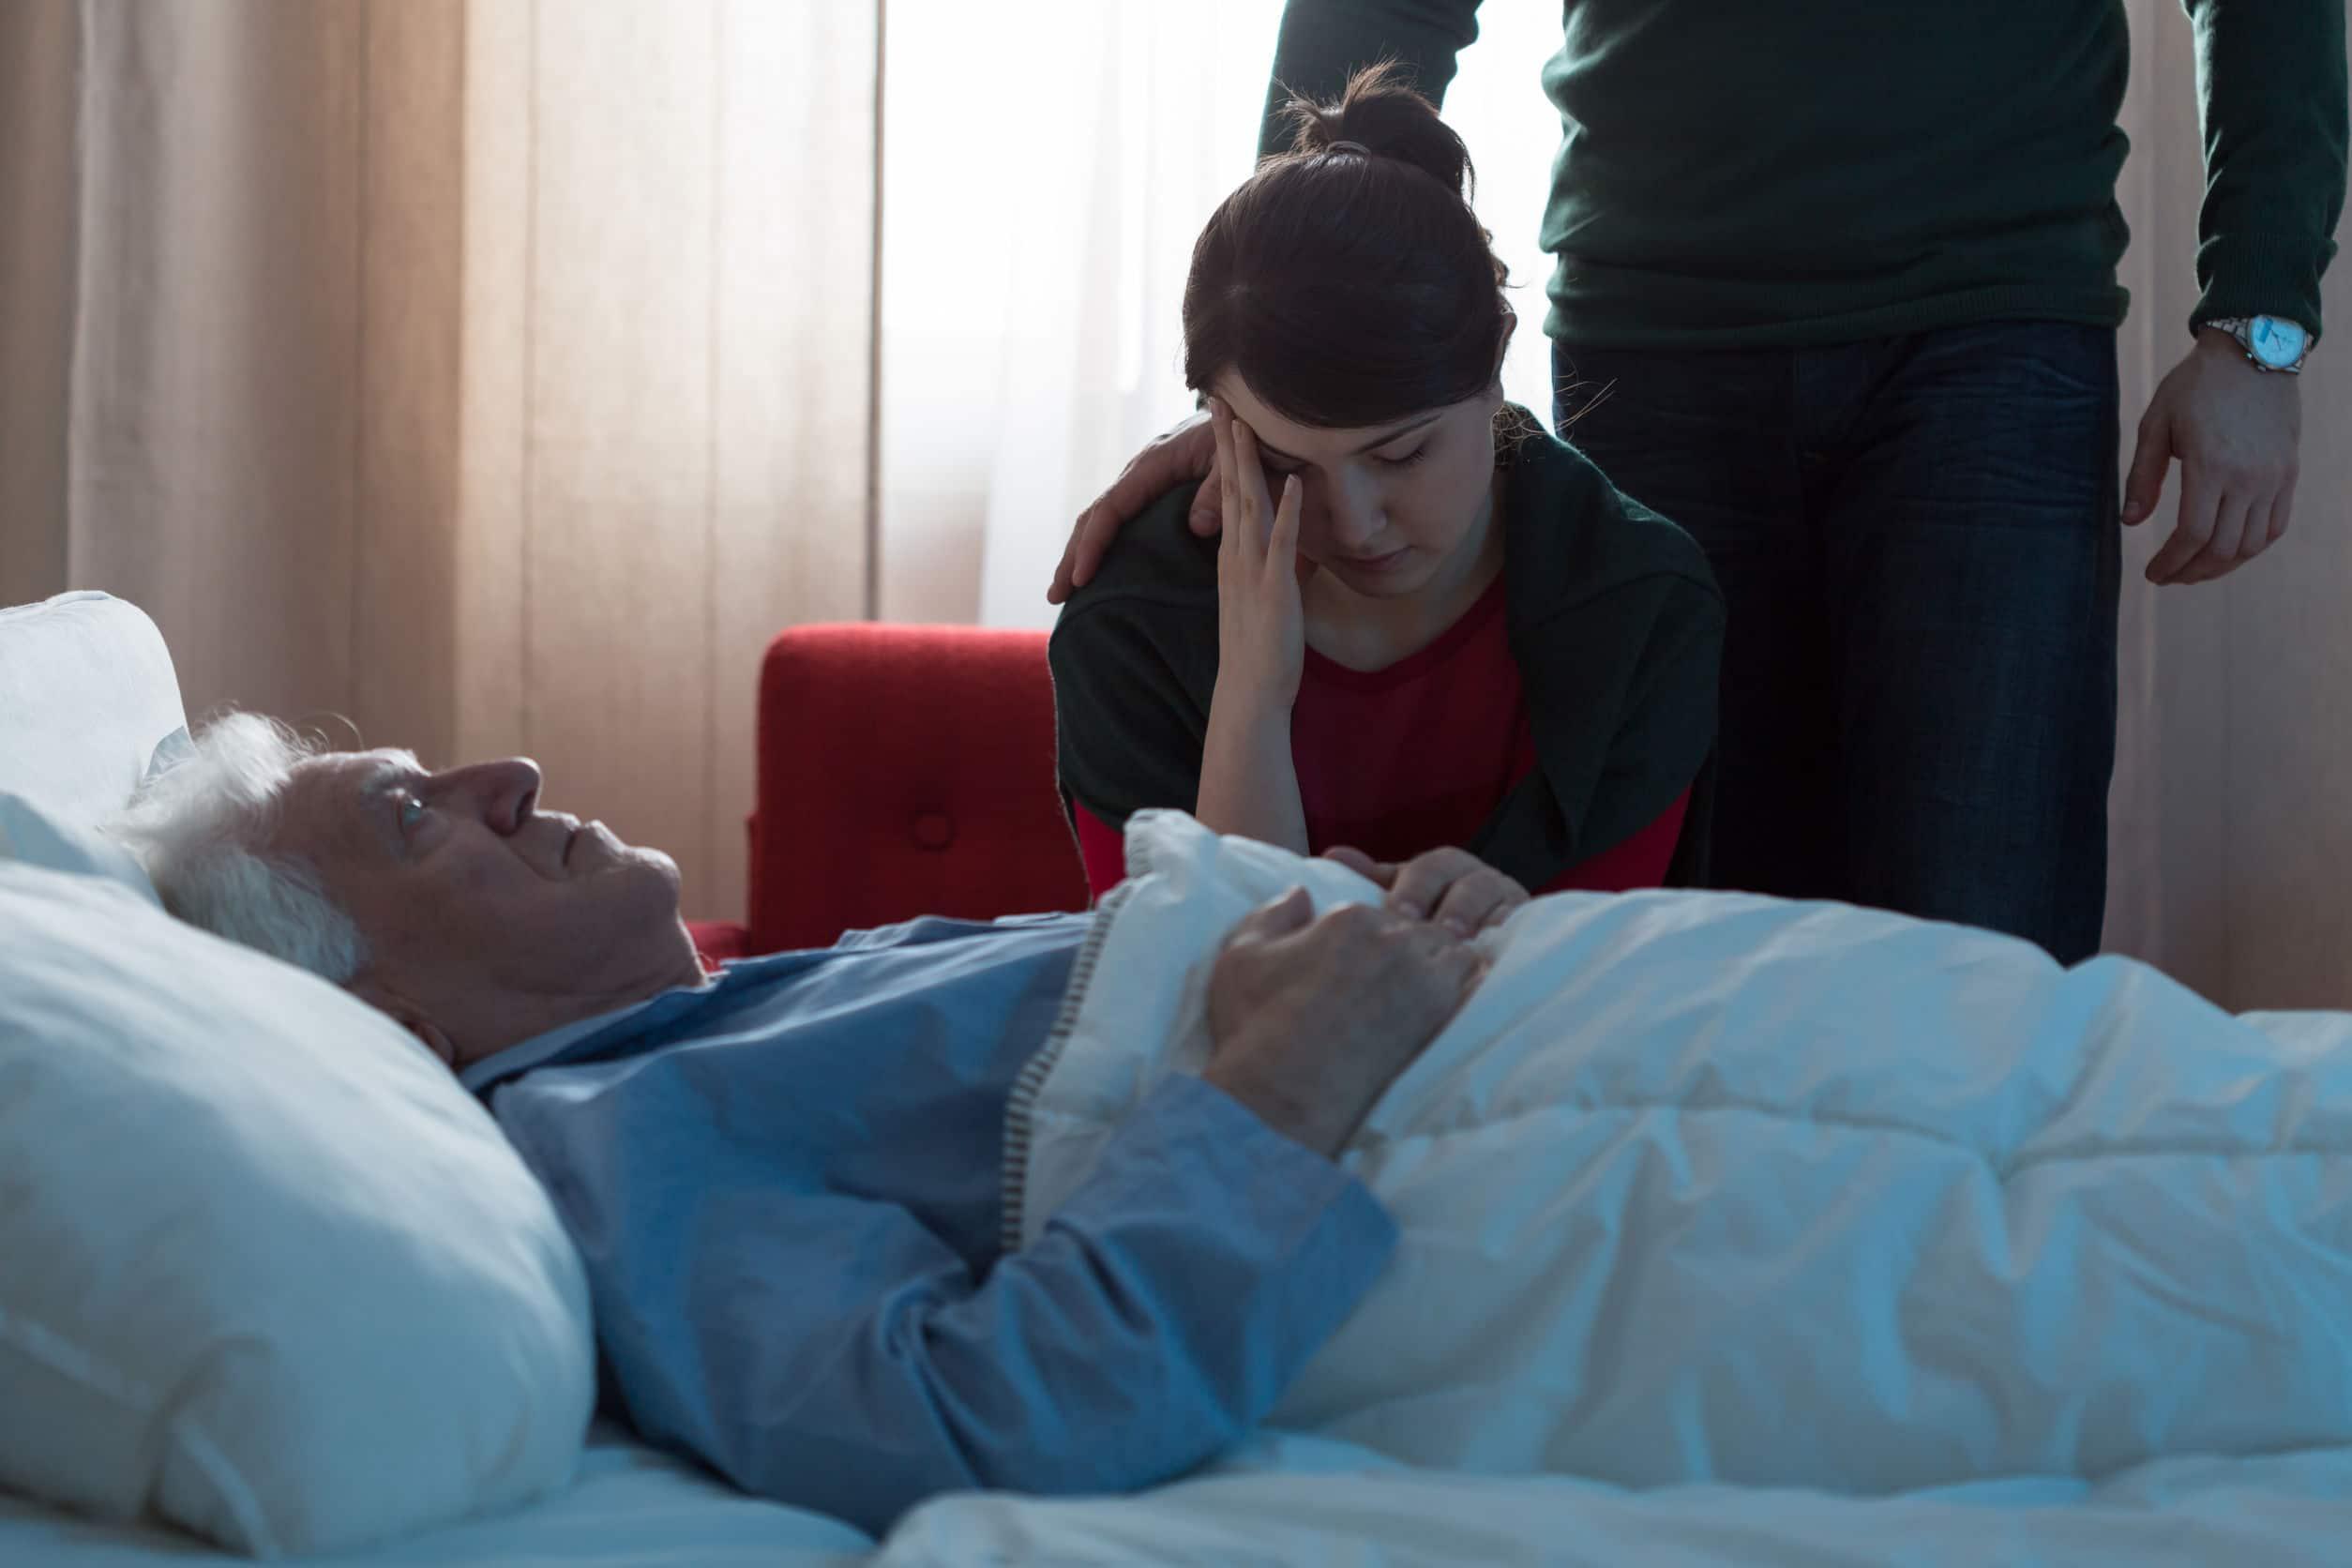 Mulher cabisbaixa triste sentada ao lado de uma cama com senhor de idade deitado.